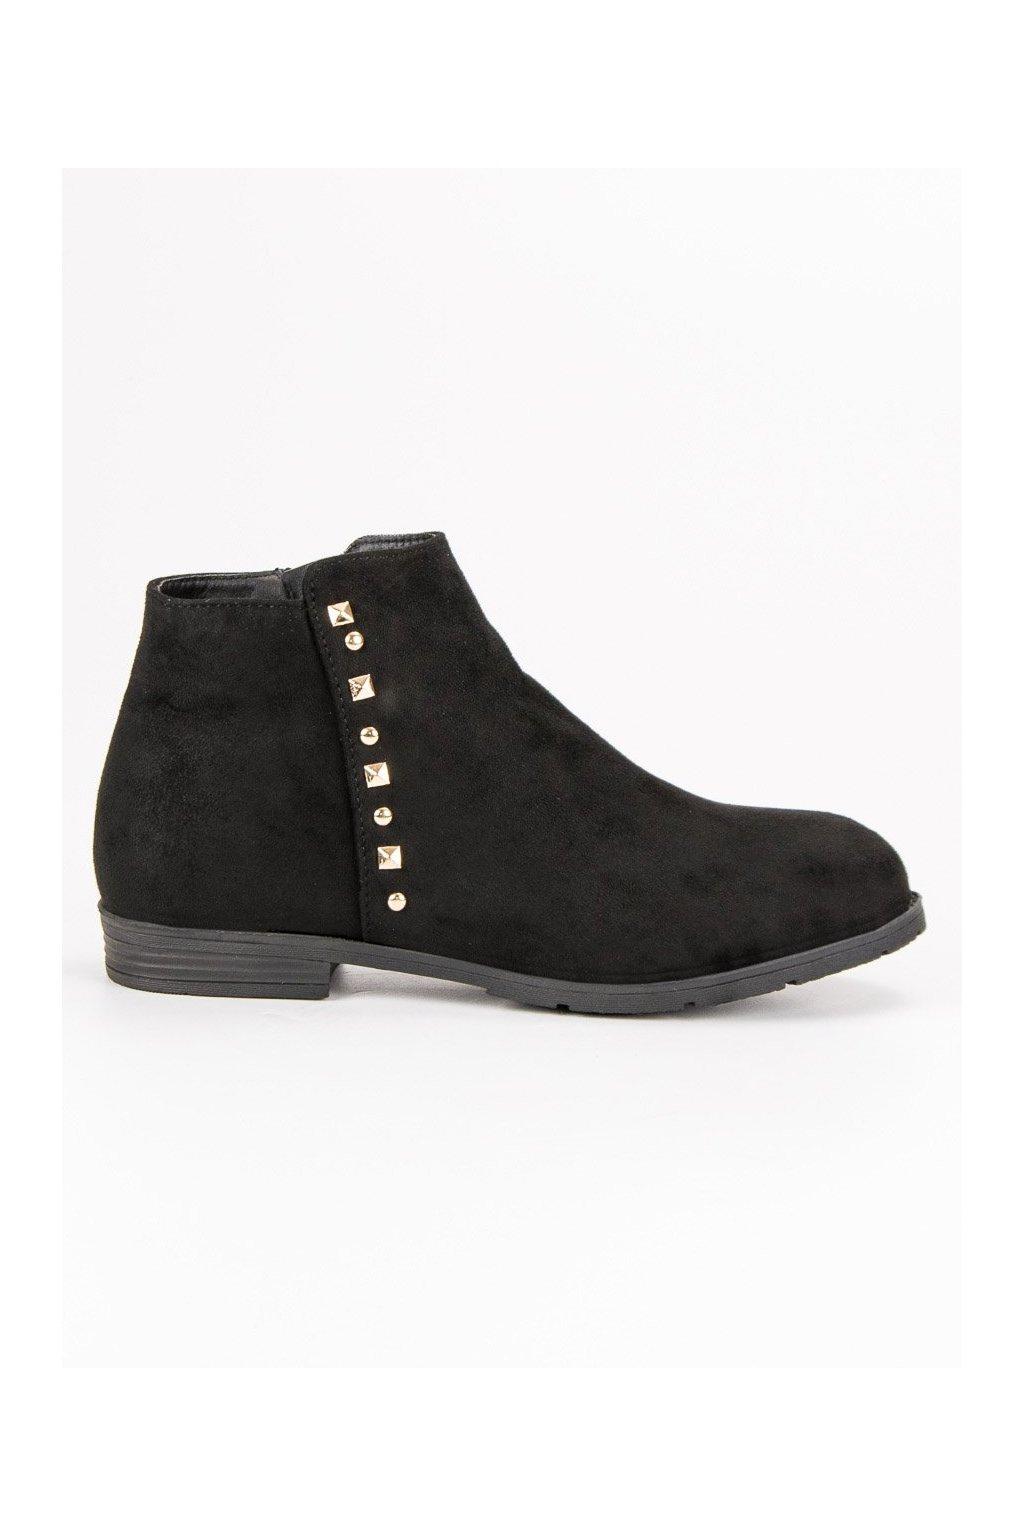 9fa0e239c7e52 Členkové topánky